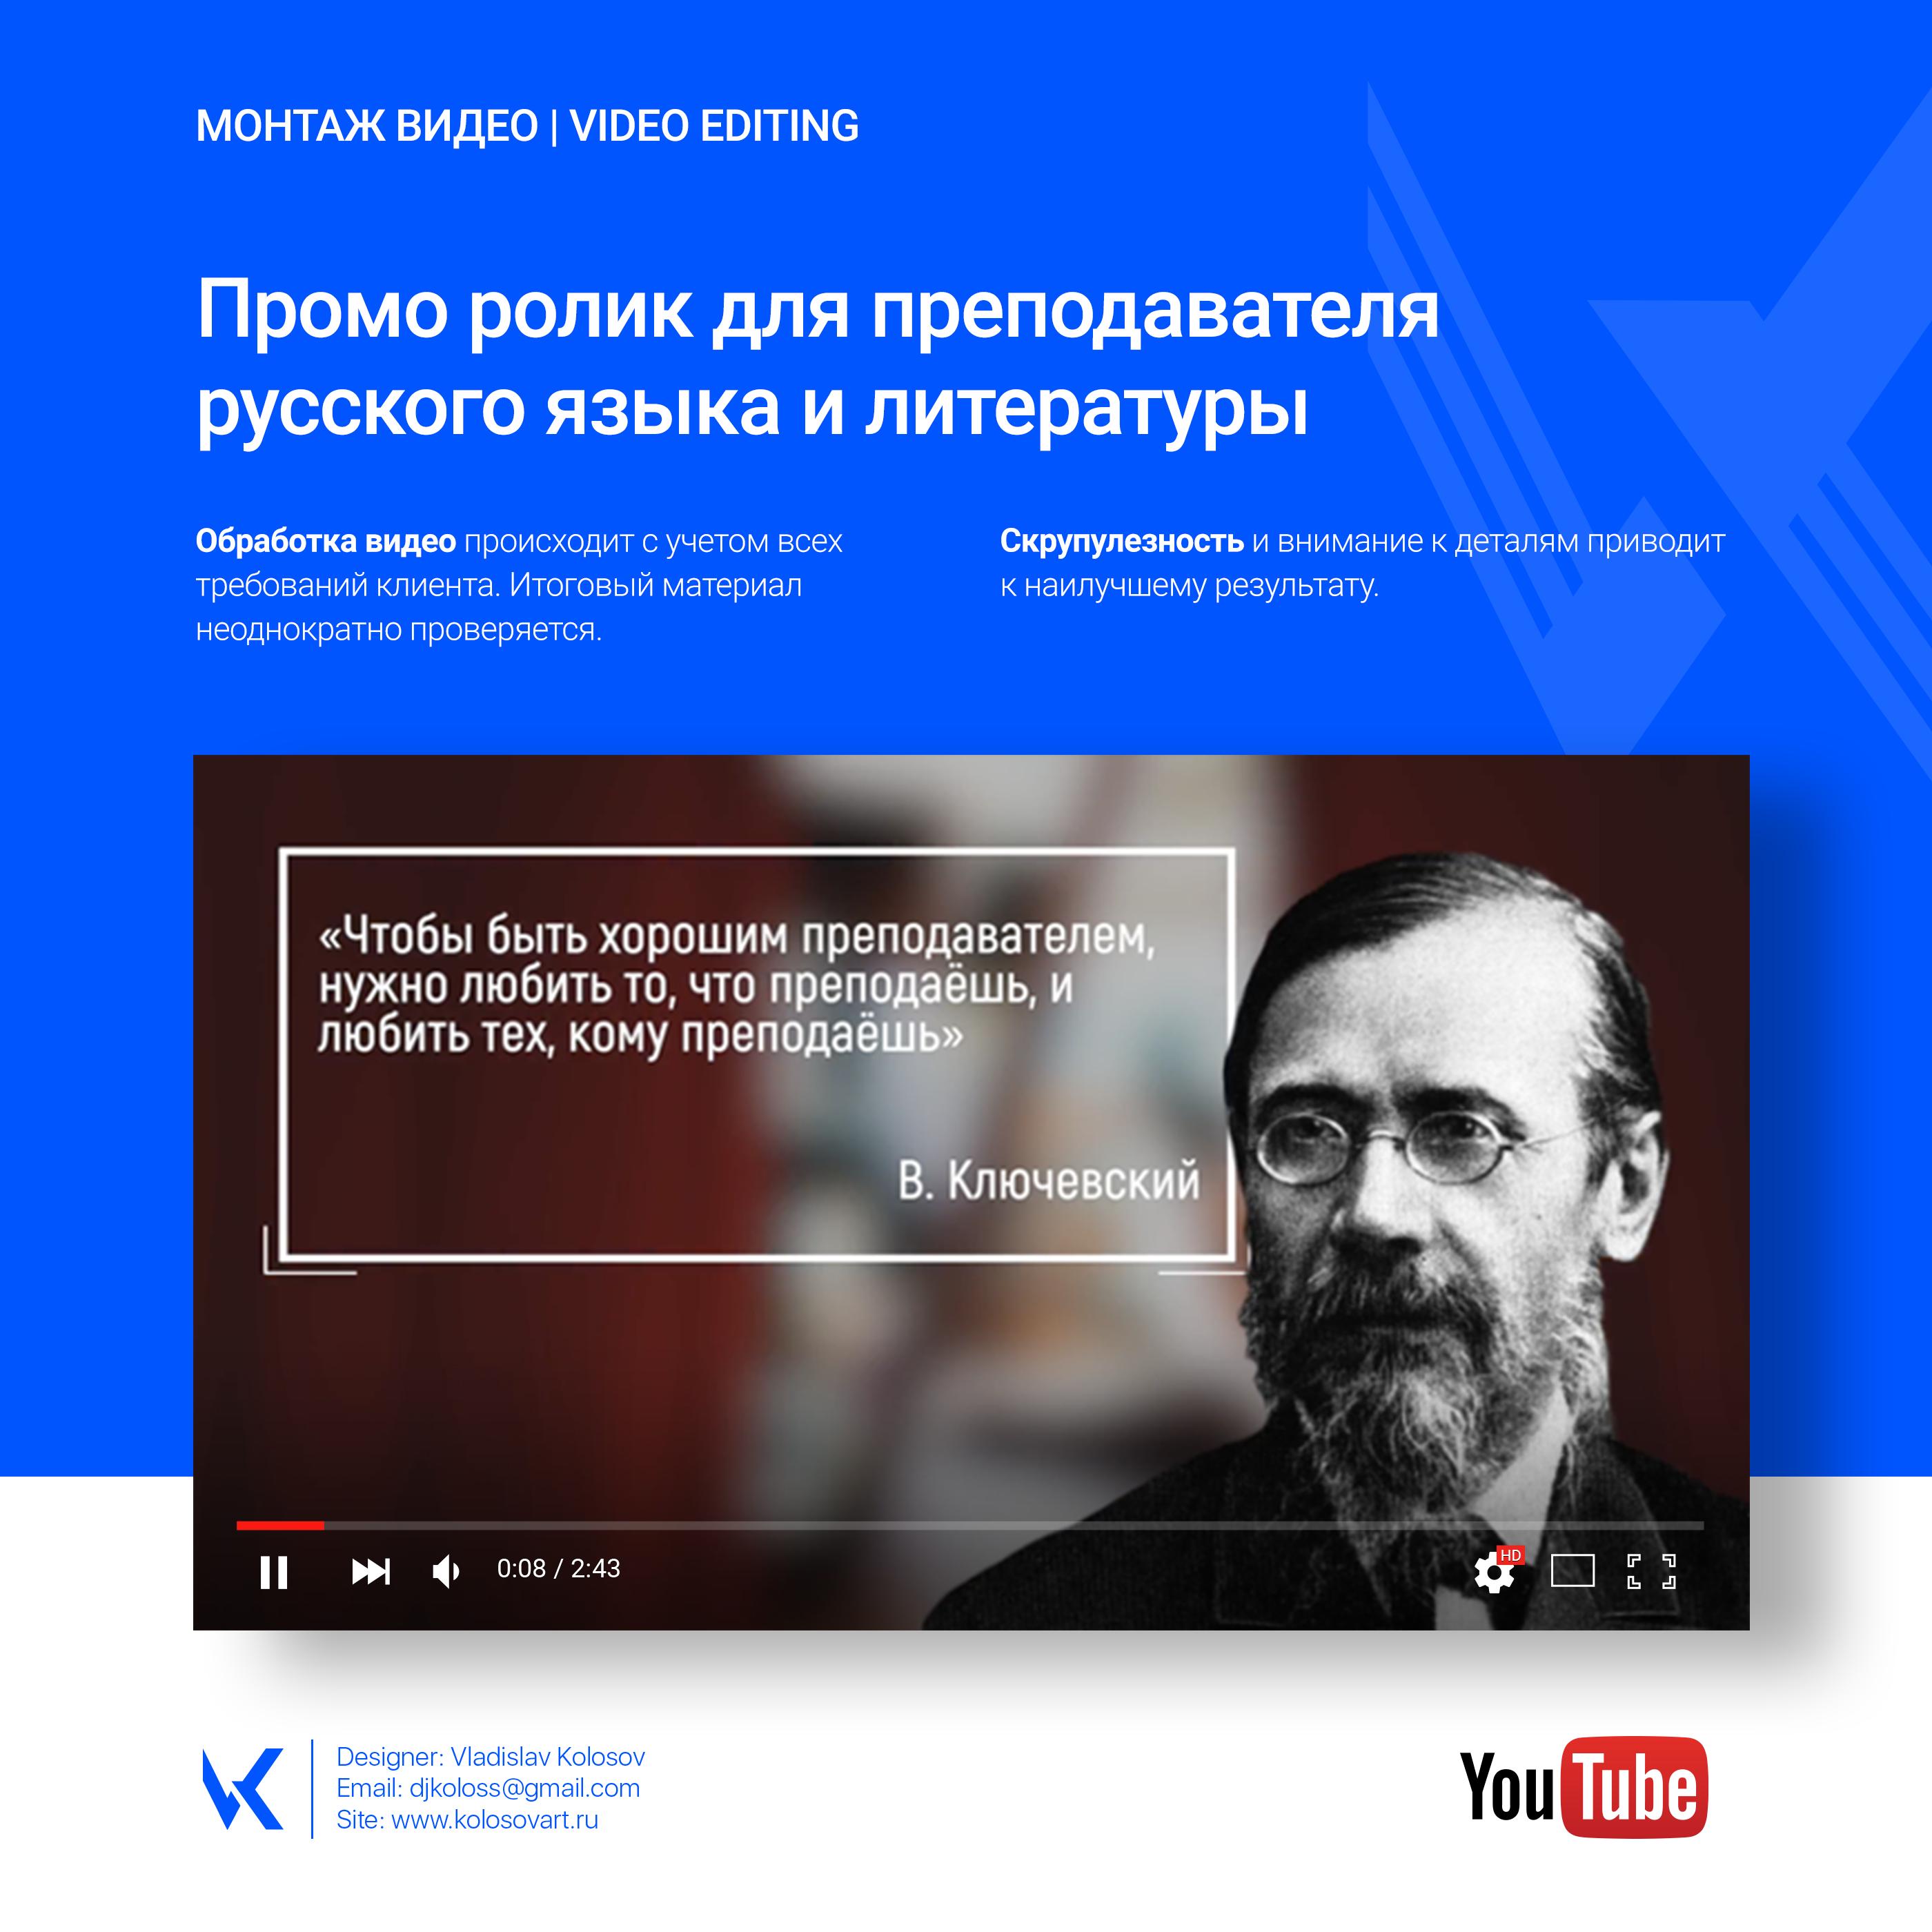 Промо ролик для преподавателя русского языка и литературы